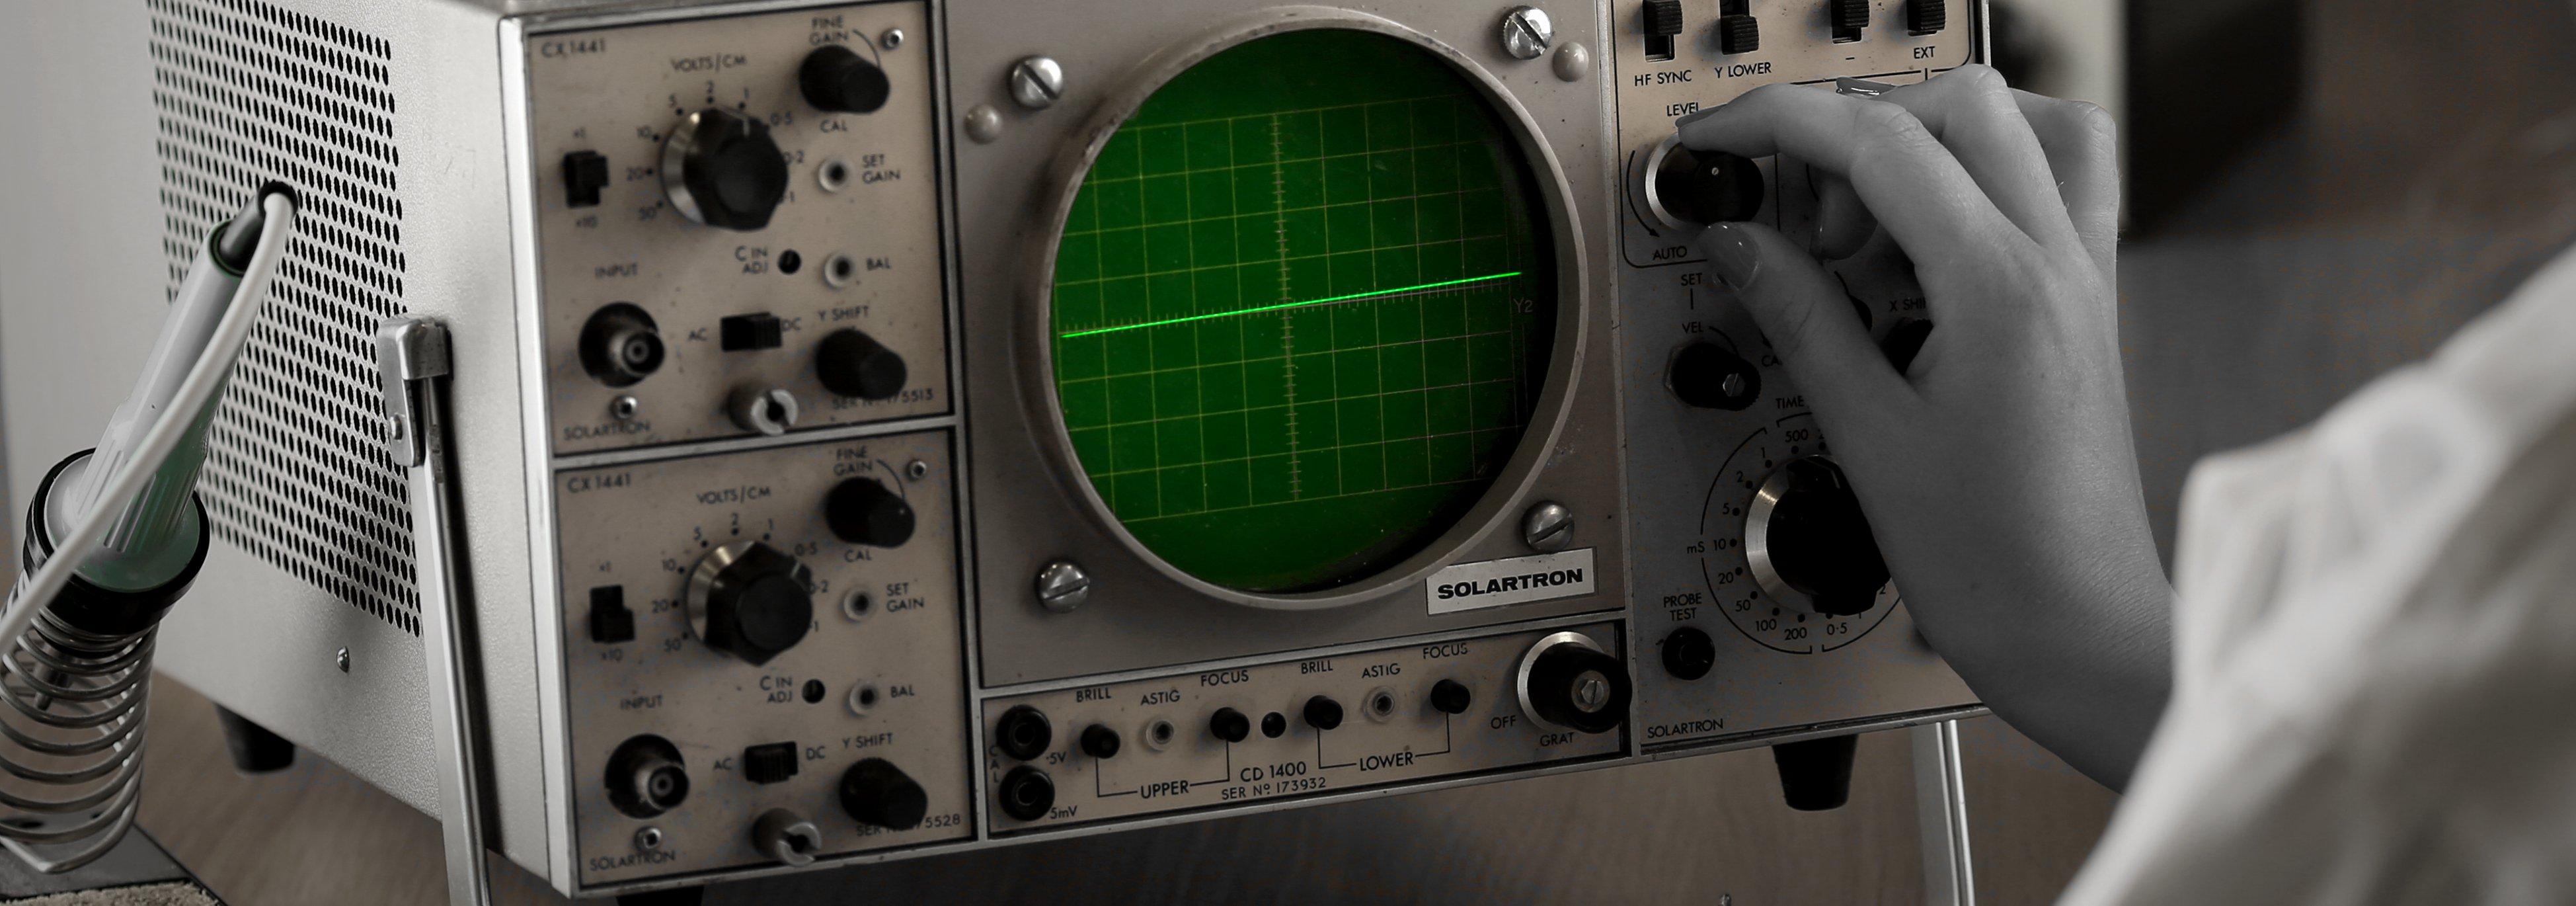 Solatron oscilloscope